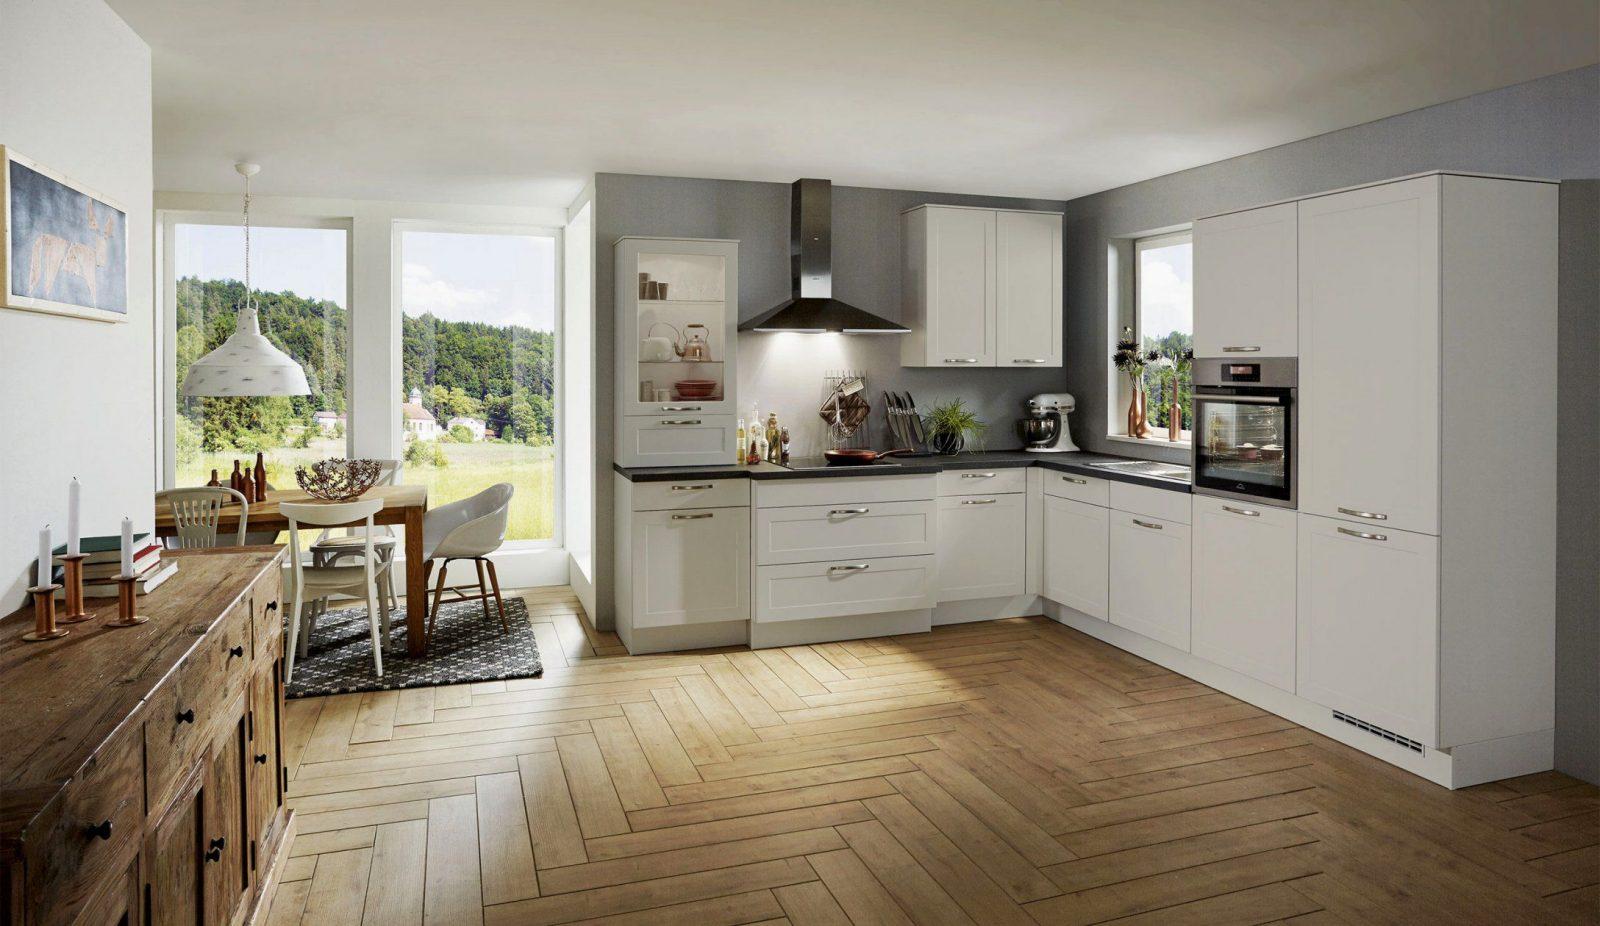 Schoner Wohnen Kuchen Moderne Insellosung Mit Deckenlufter In